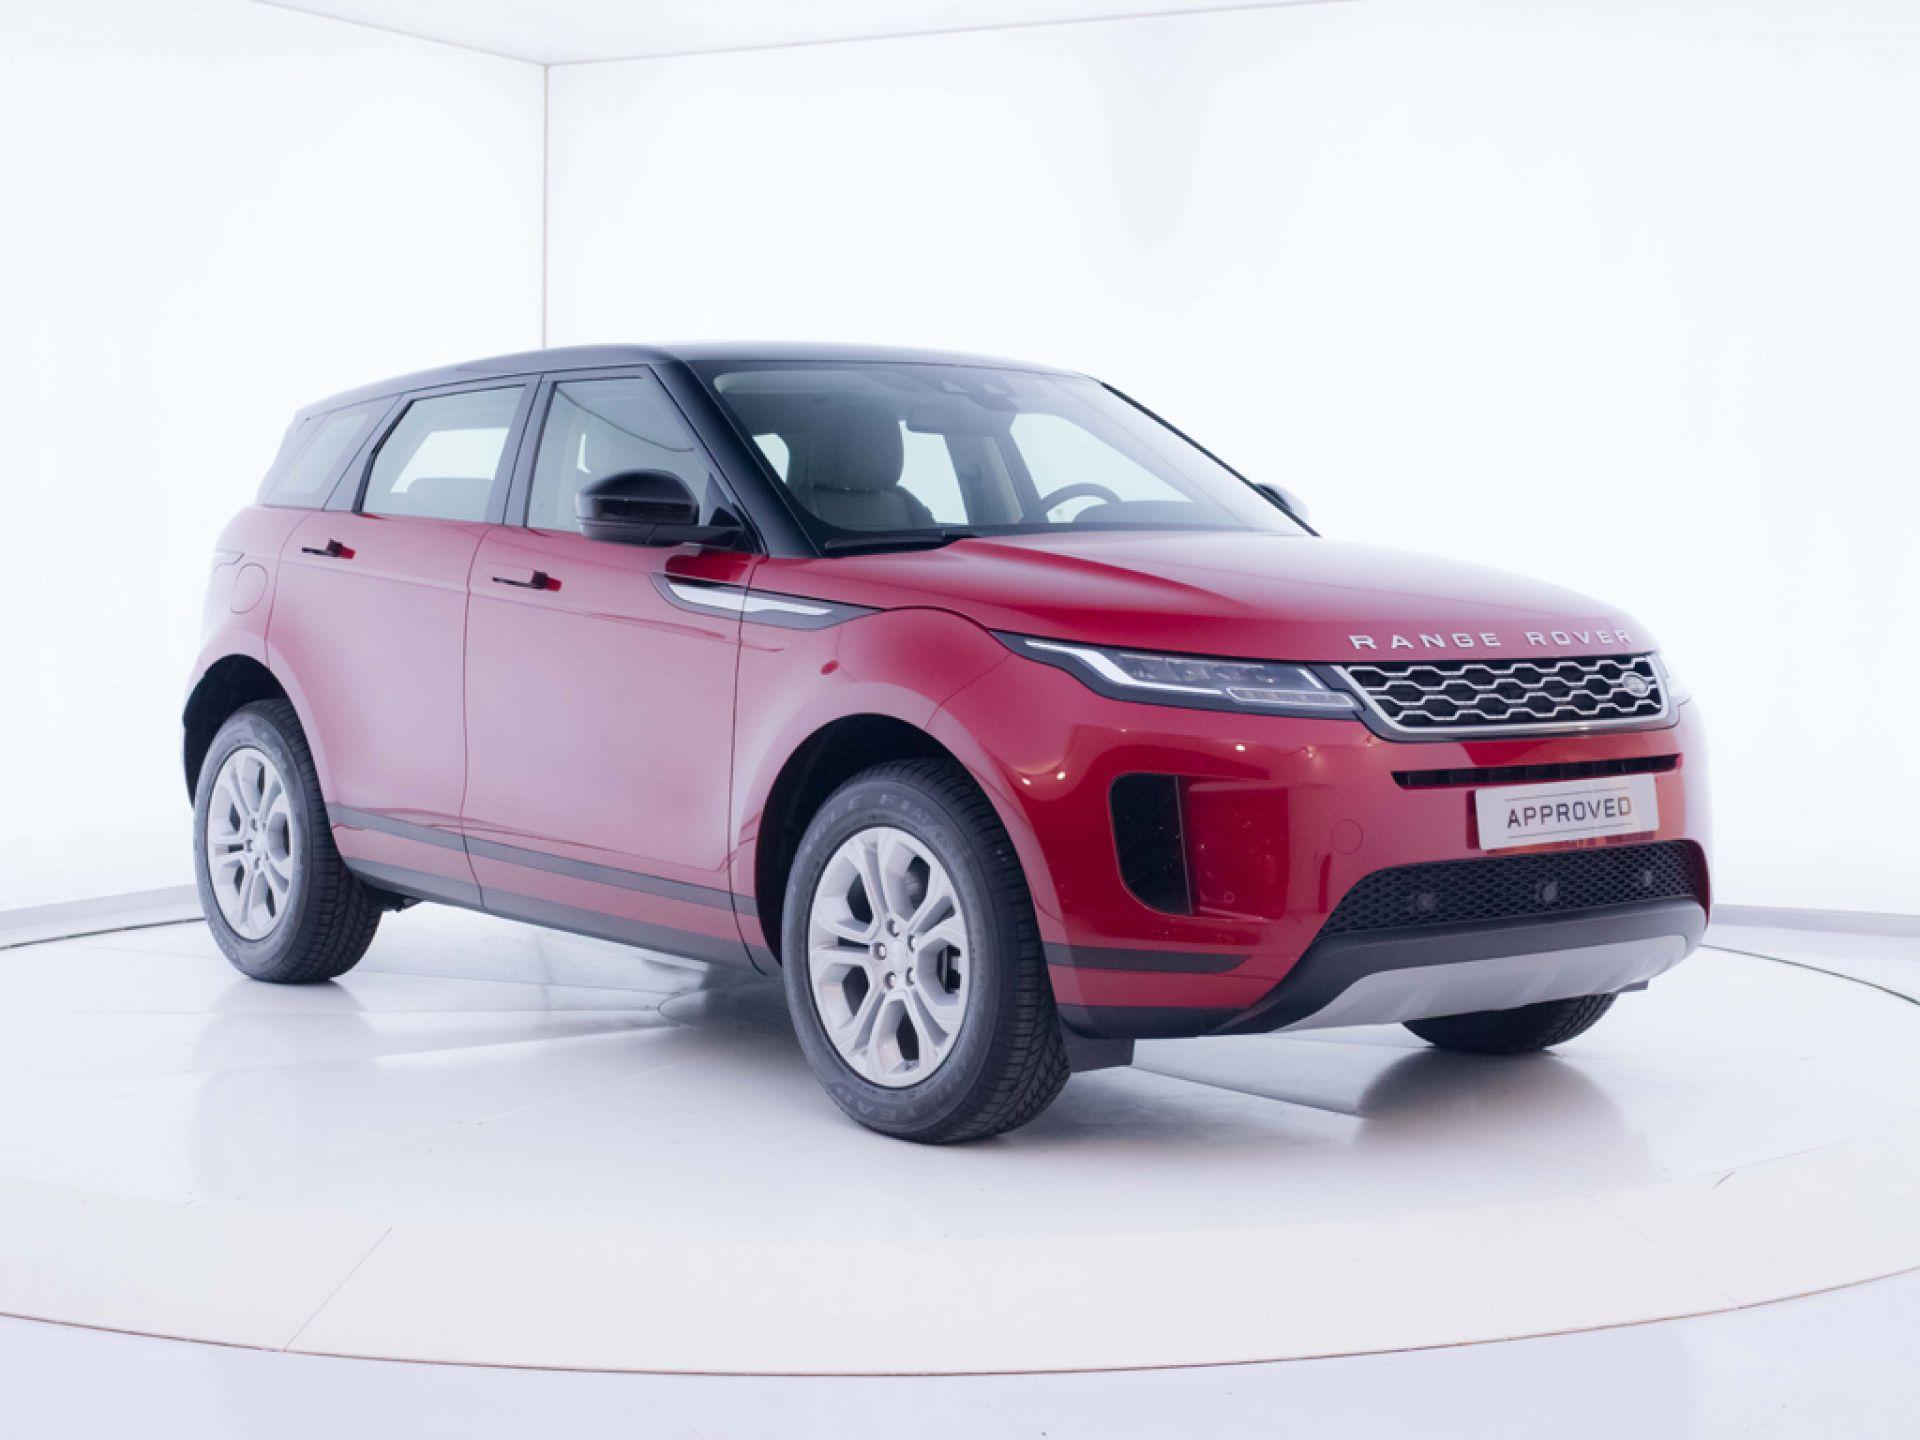 Land Rover Range Rover Evoque 2.0 D150 AUTO 4WD MHEV